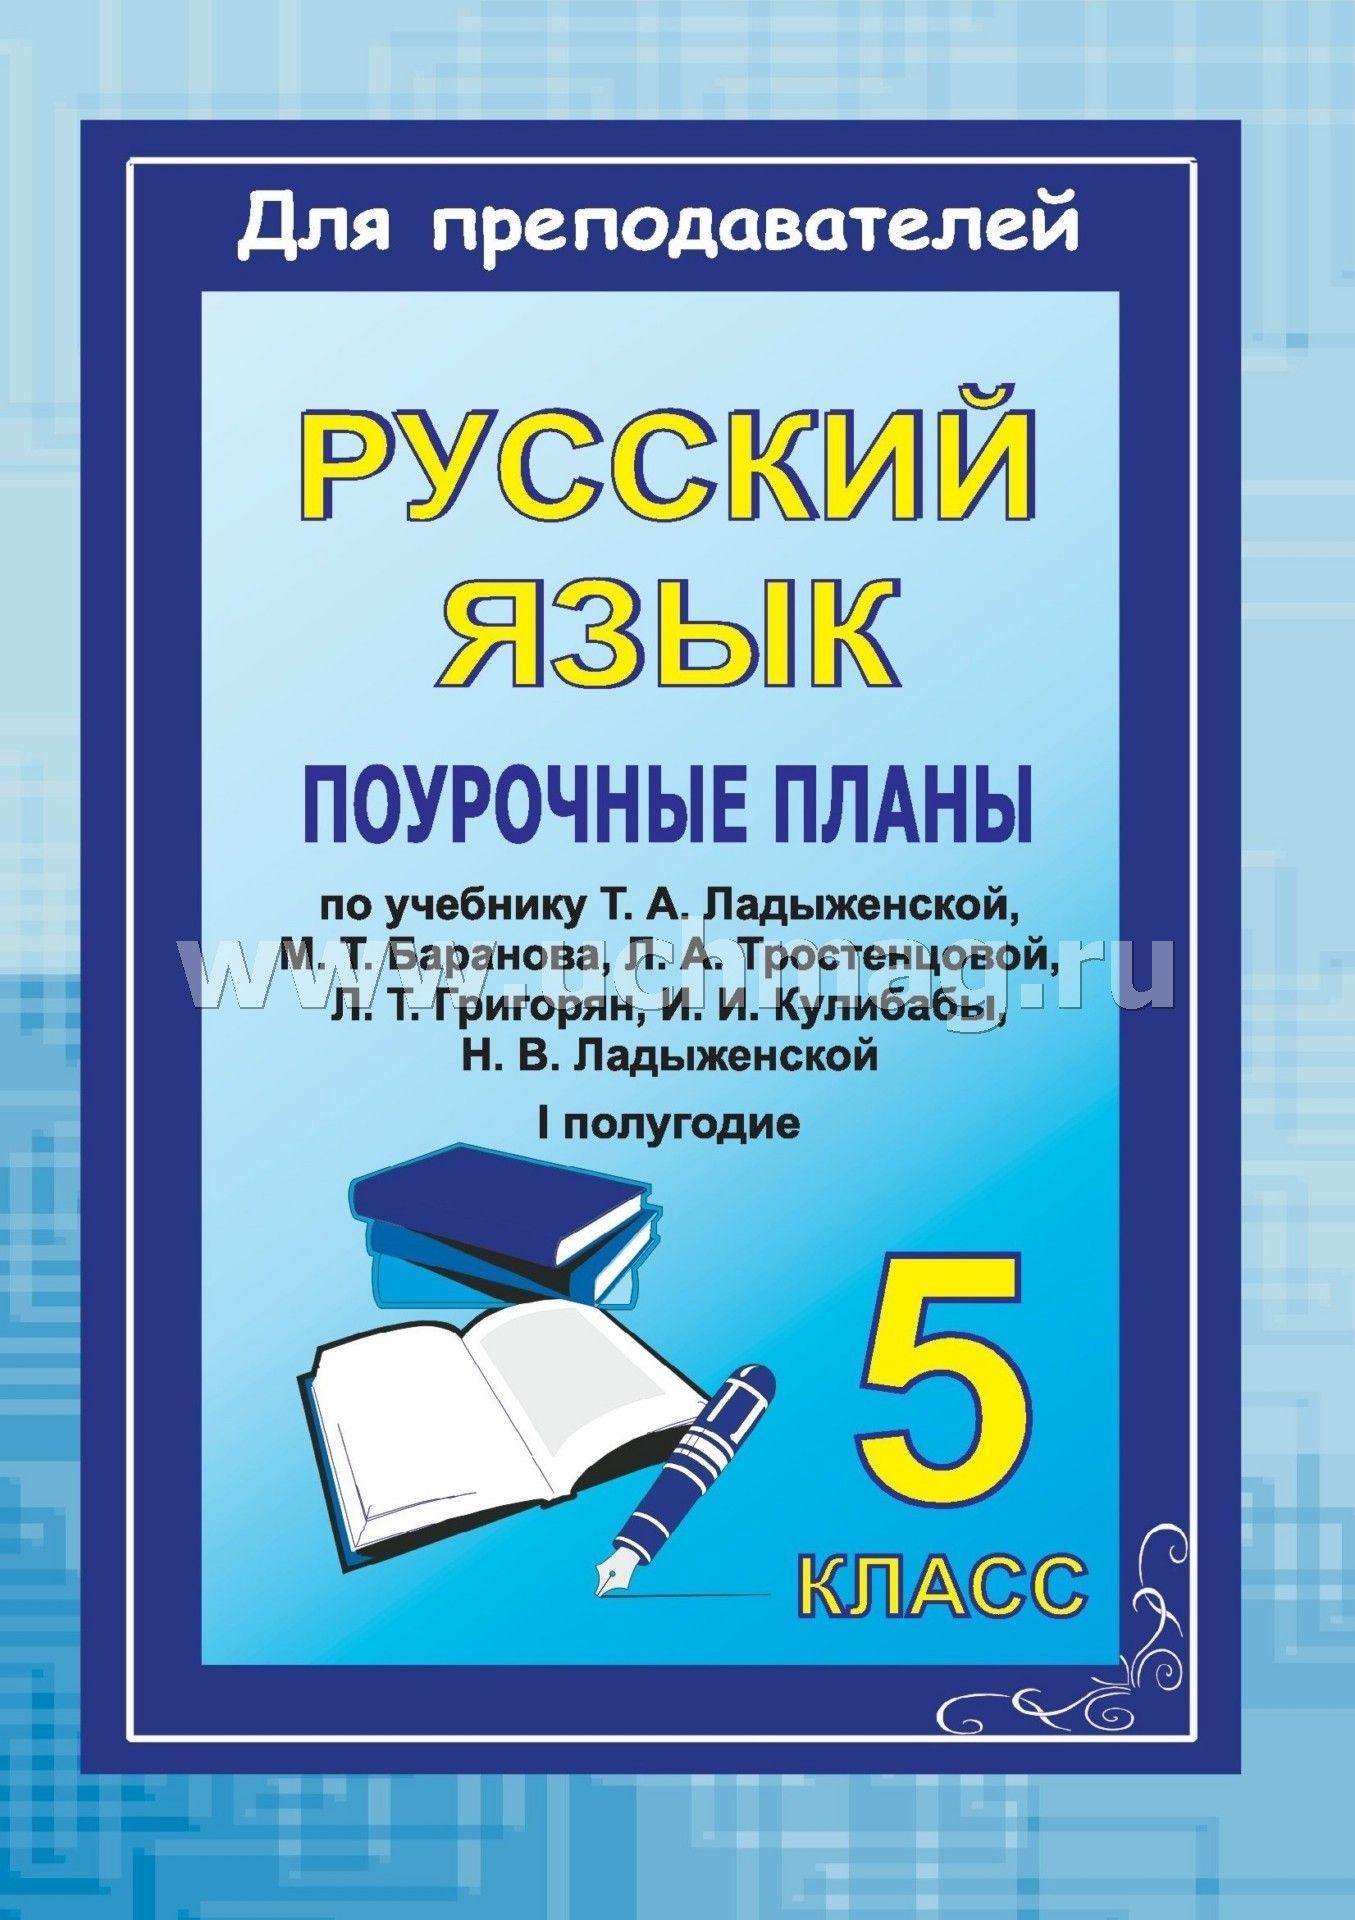 Поурочное планирование по русскому языку 5 класс скачать бесплатно